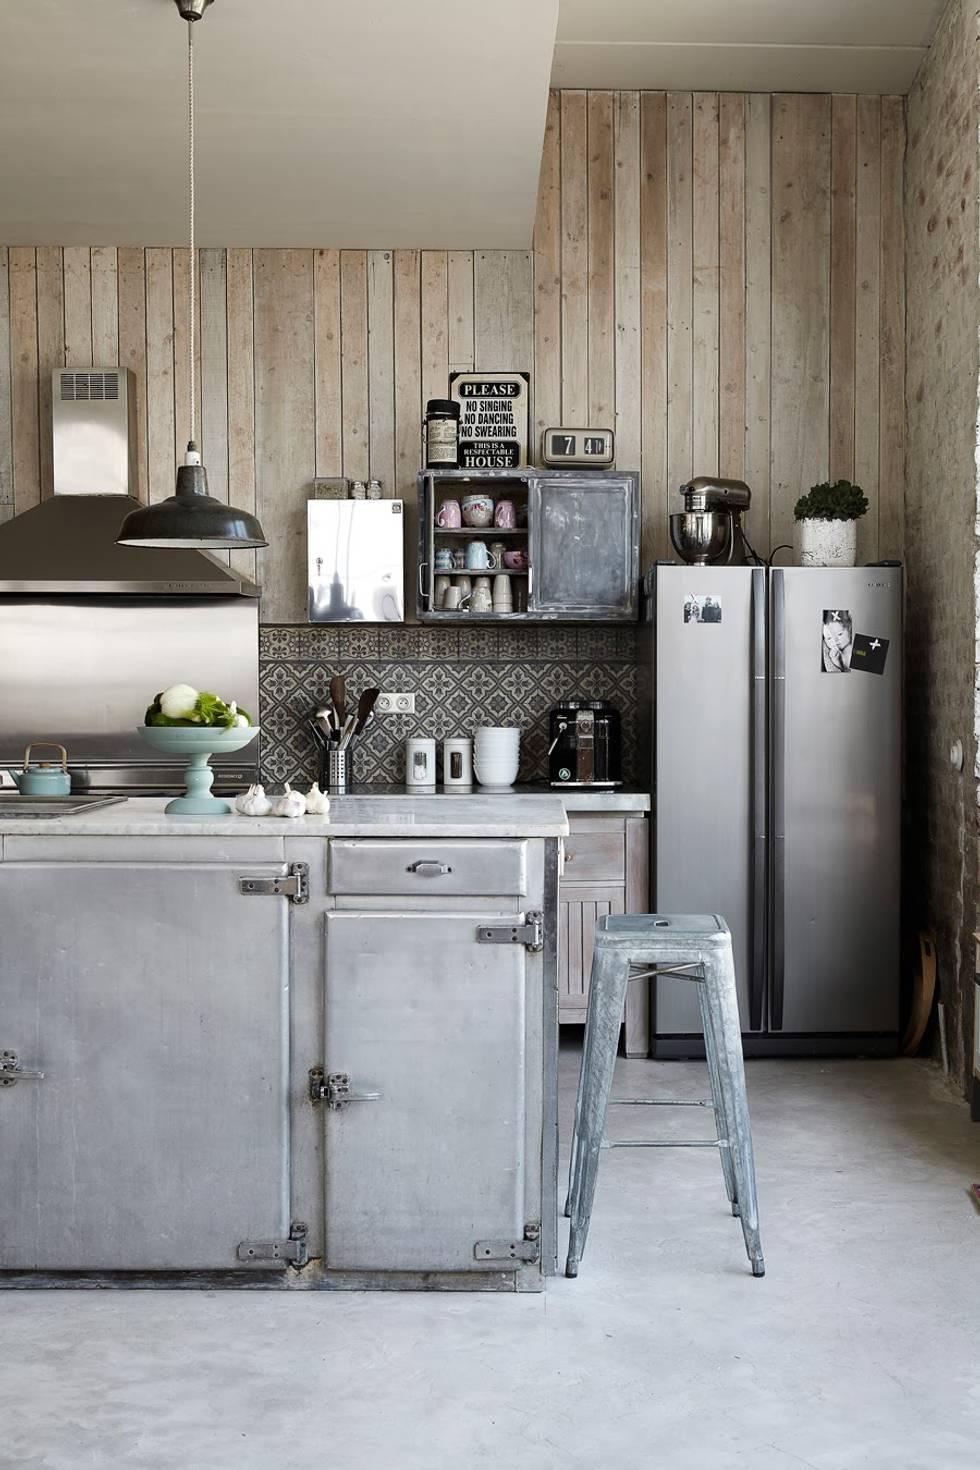 9 ideas fabulosas para revestir las paredes de tu cocina